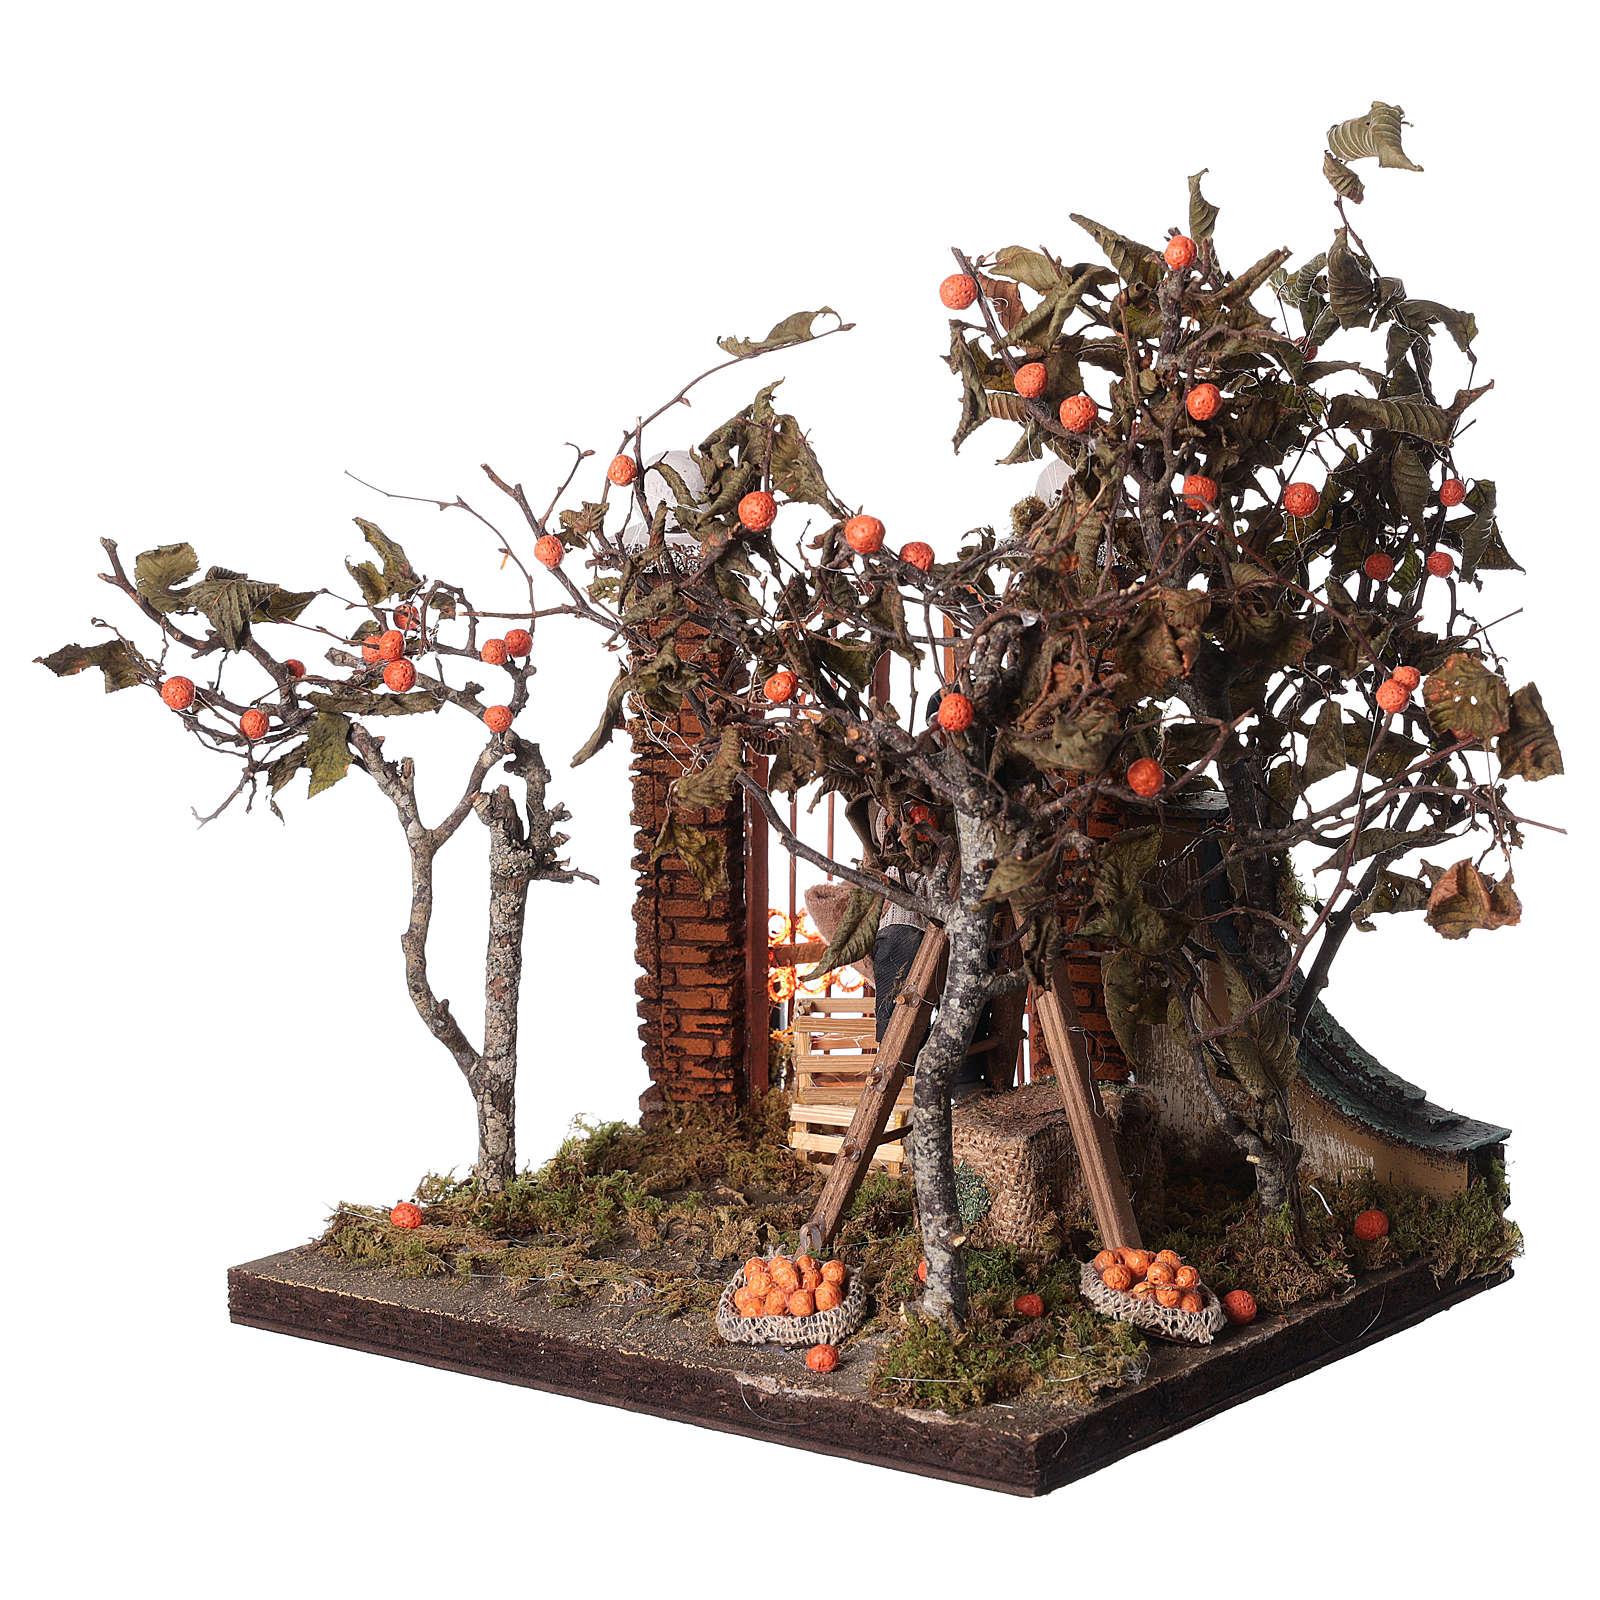 Zbiór pomarańczy 12 cm ruchoma figurka szopki z Neapolu 4